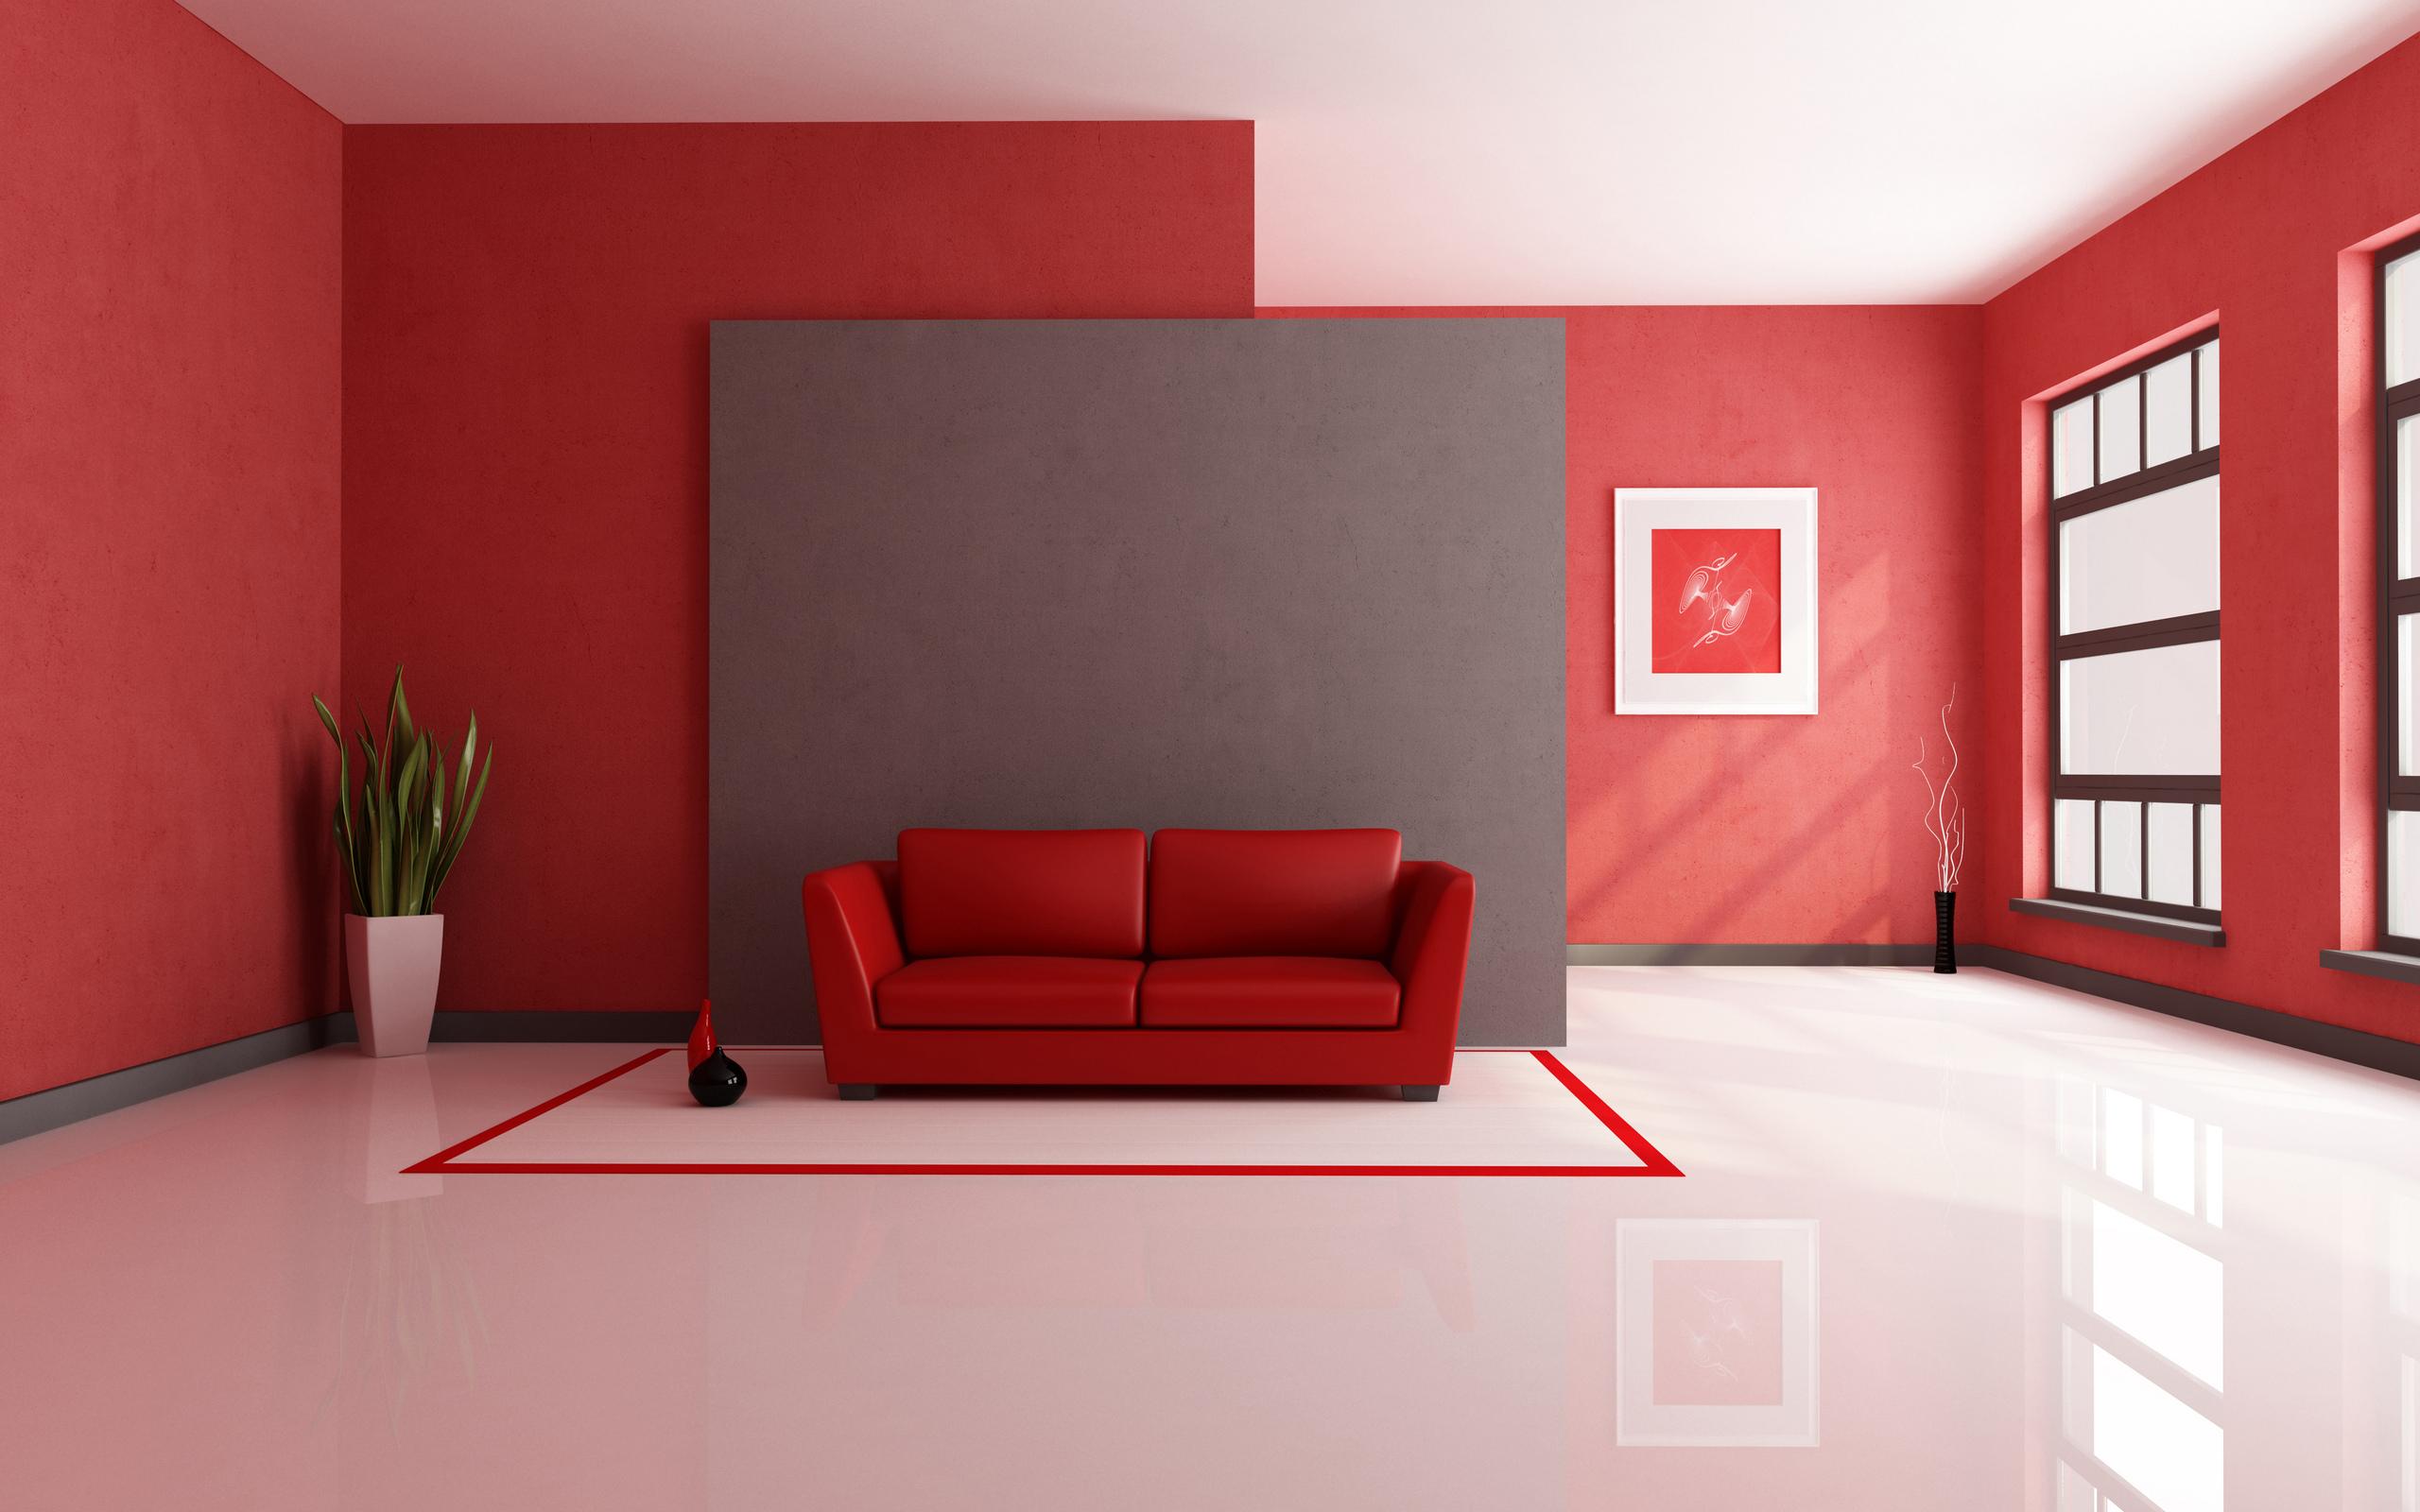 طراحی دکوراسیون داخلی خانه قرمز پرسپولیسی